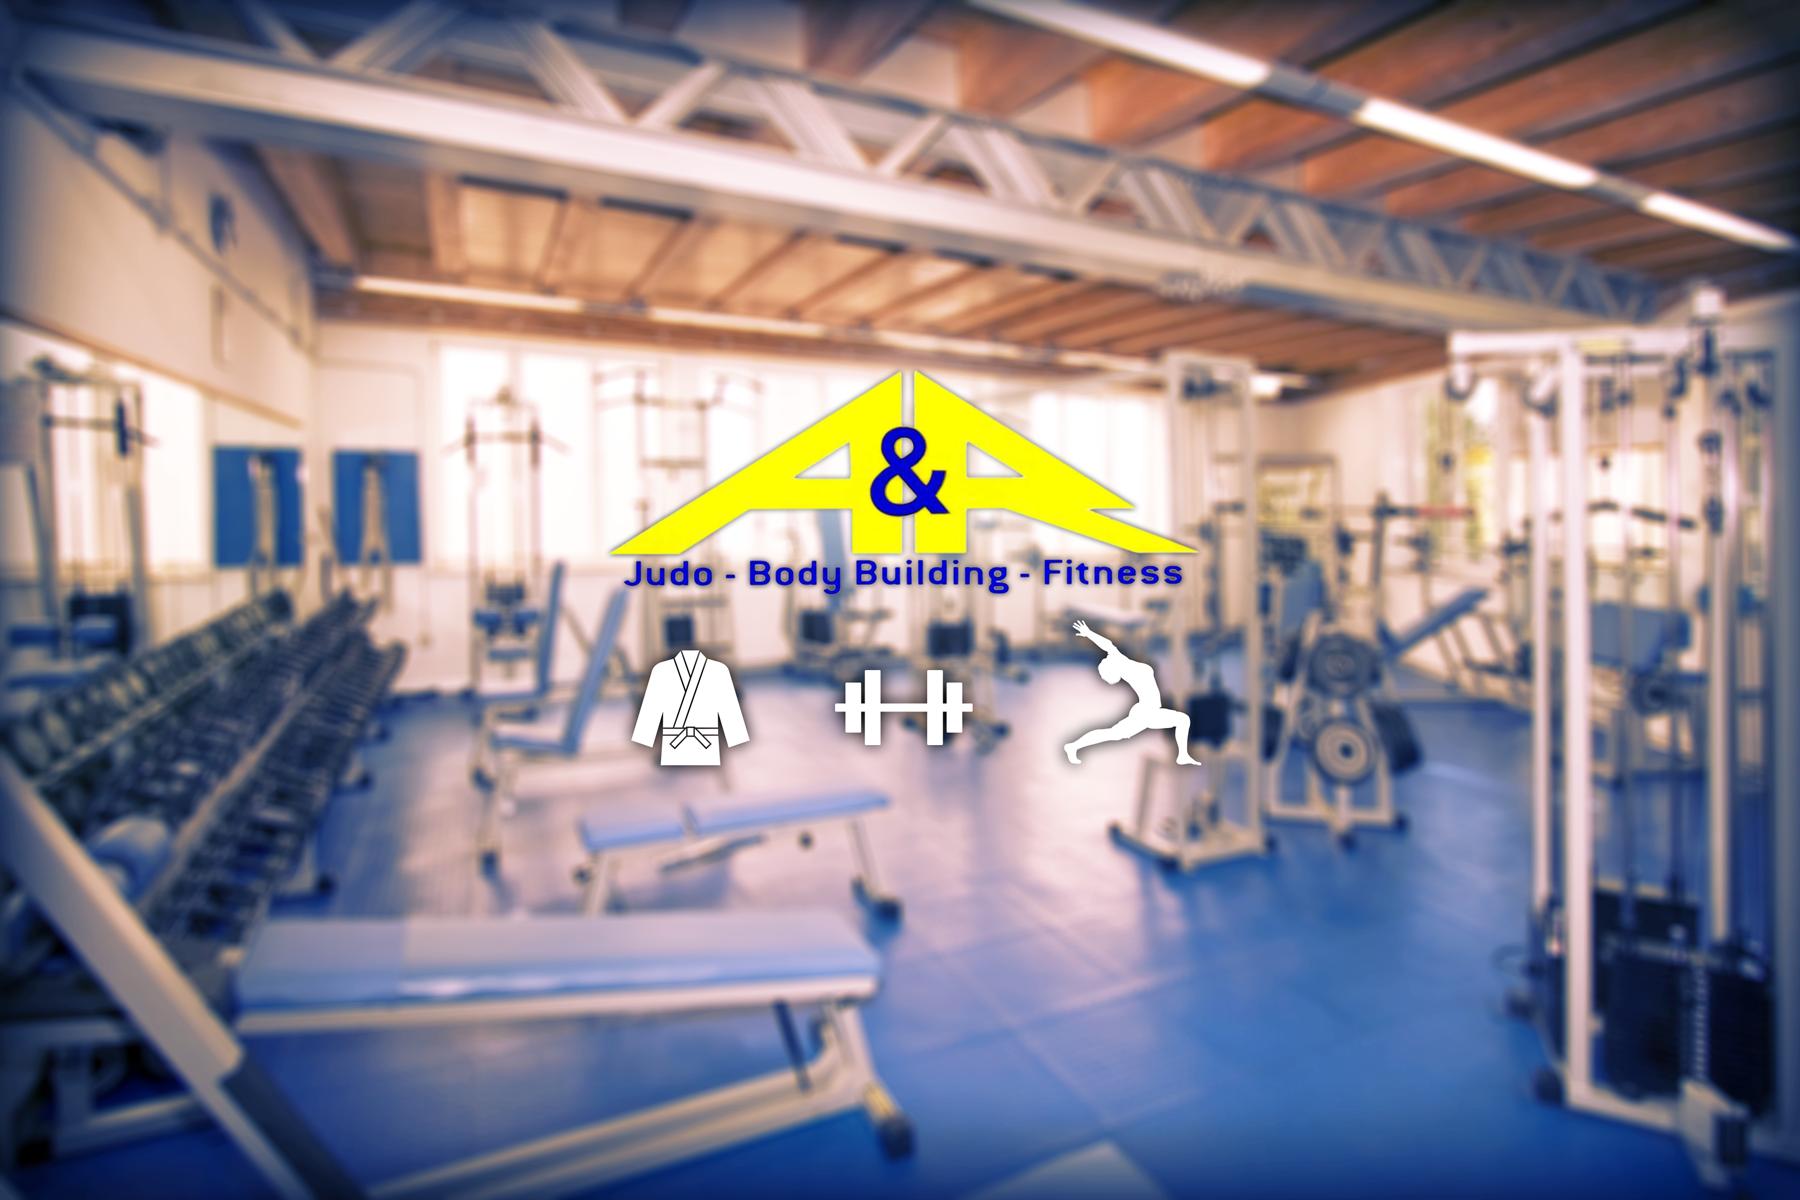 Calendario Fitness 2019.Online Il Calendario Settimanale Dei Corsi Di Fitness E Judo